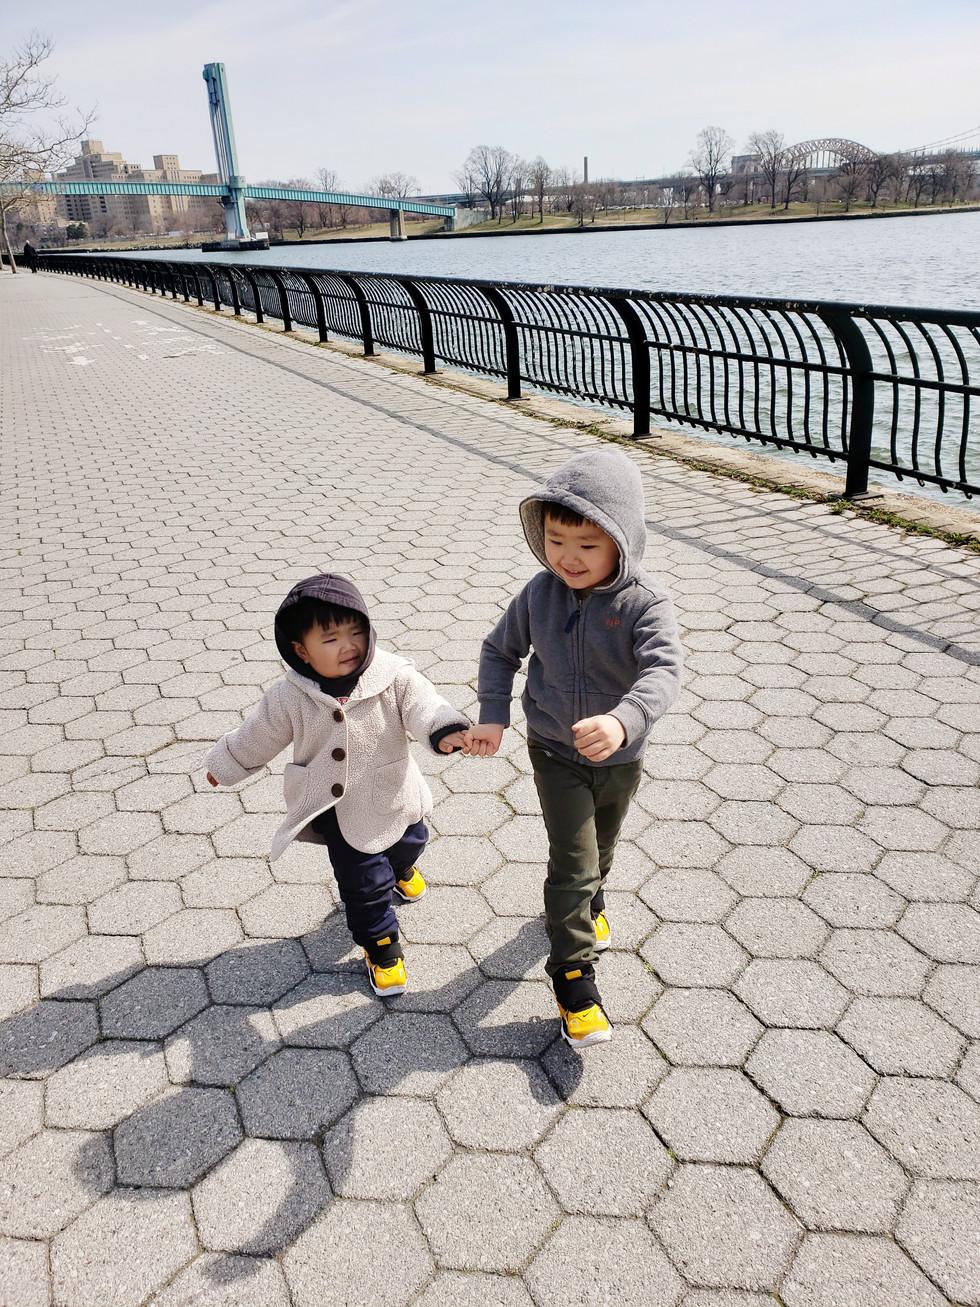 Running at Randall's Island